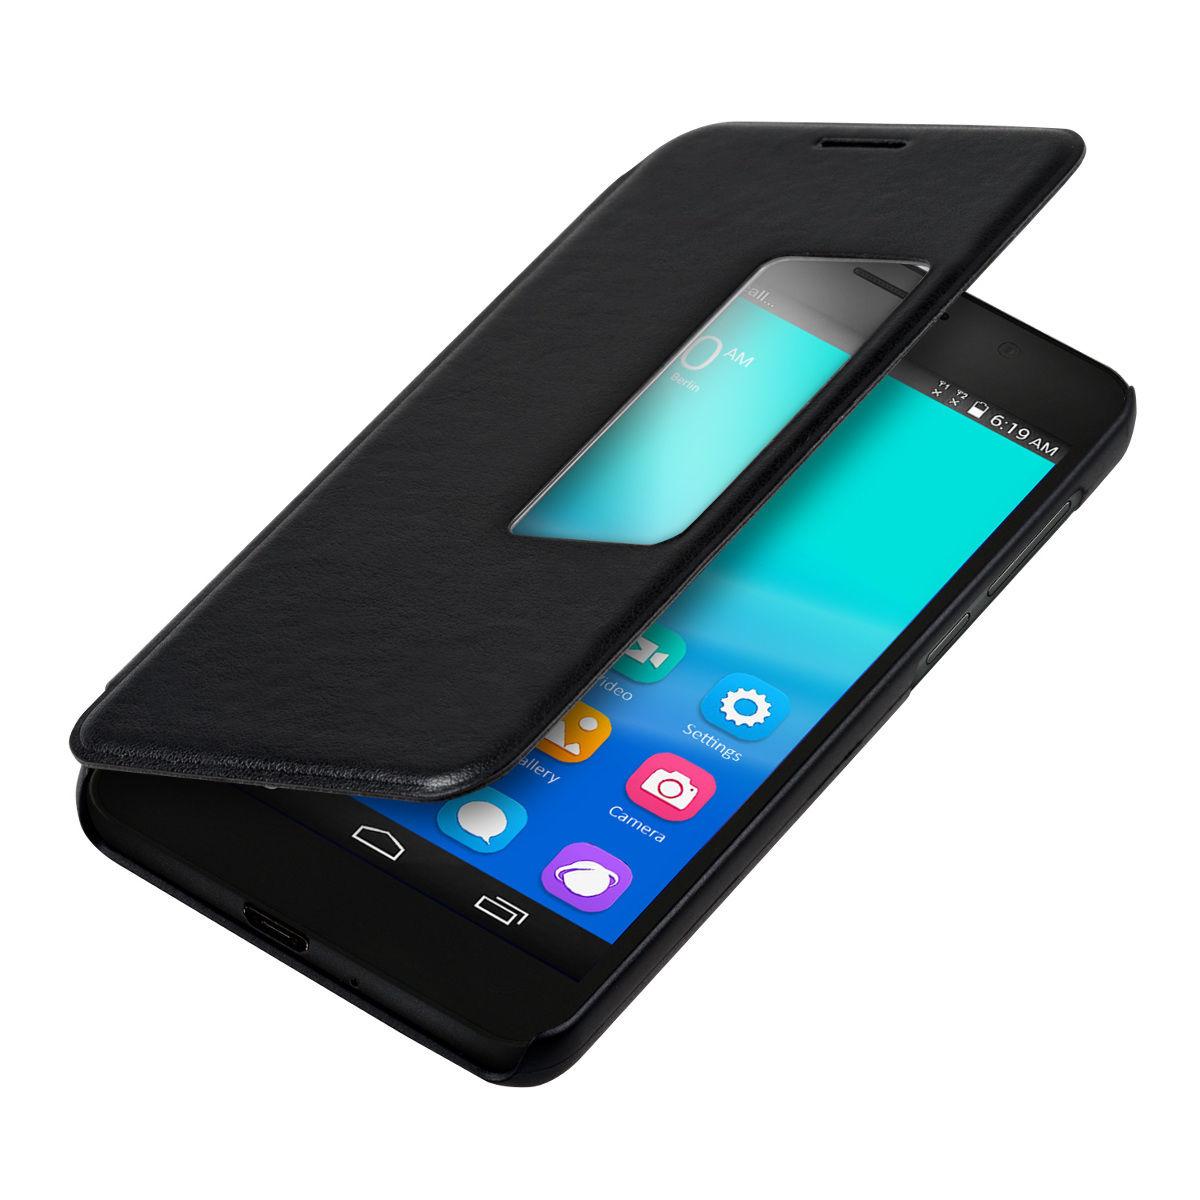 Pouzdro pro Huawei Honor 6 černé